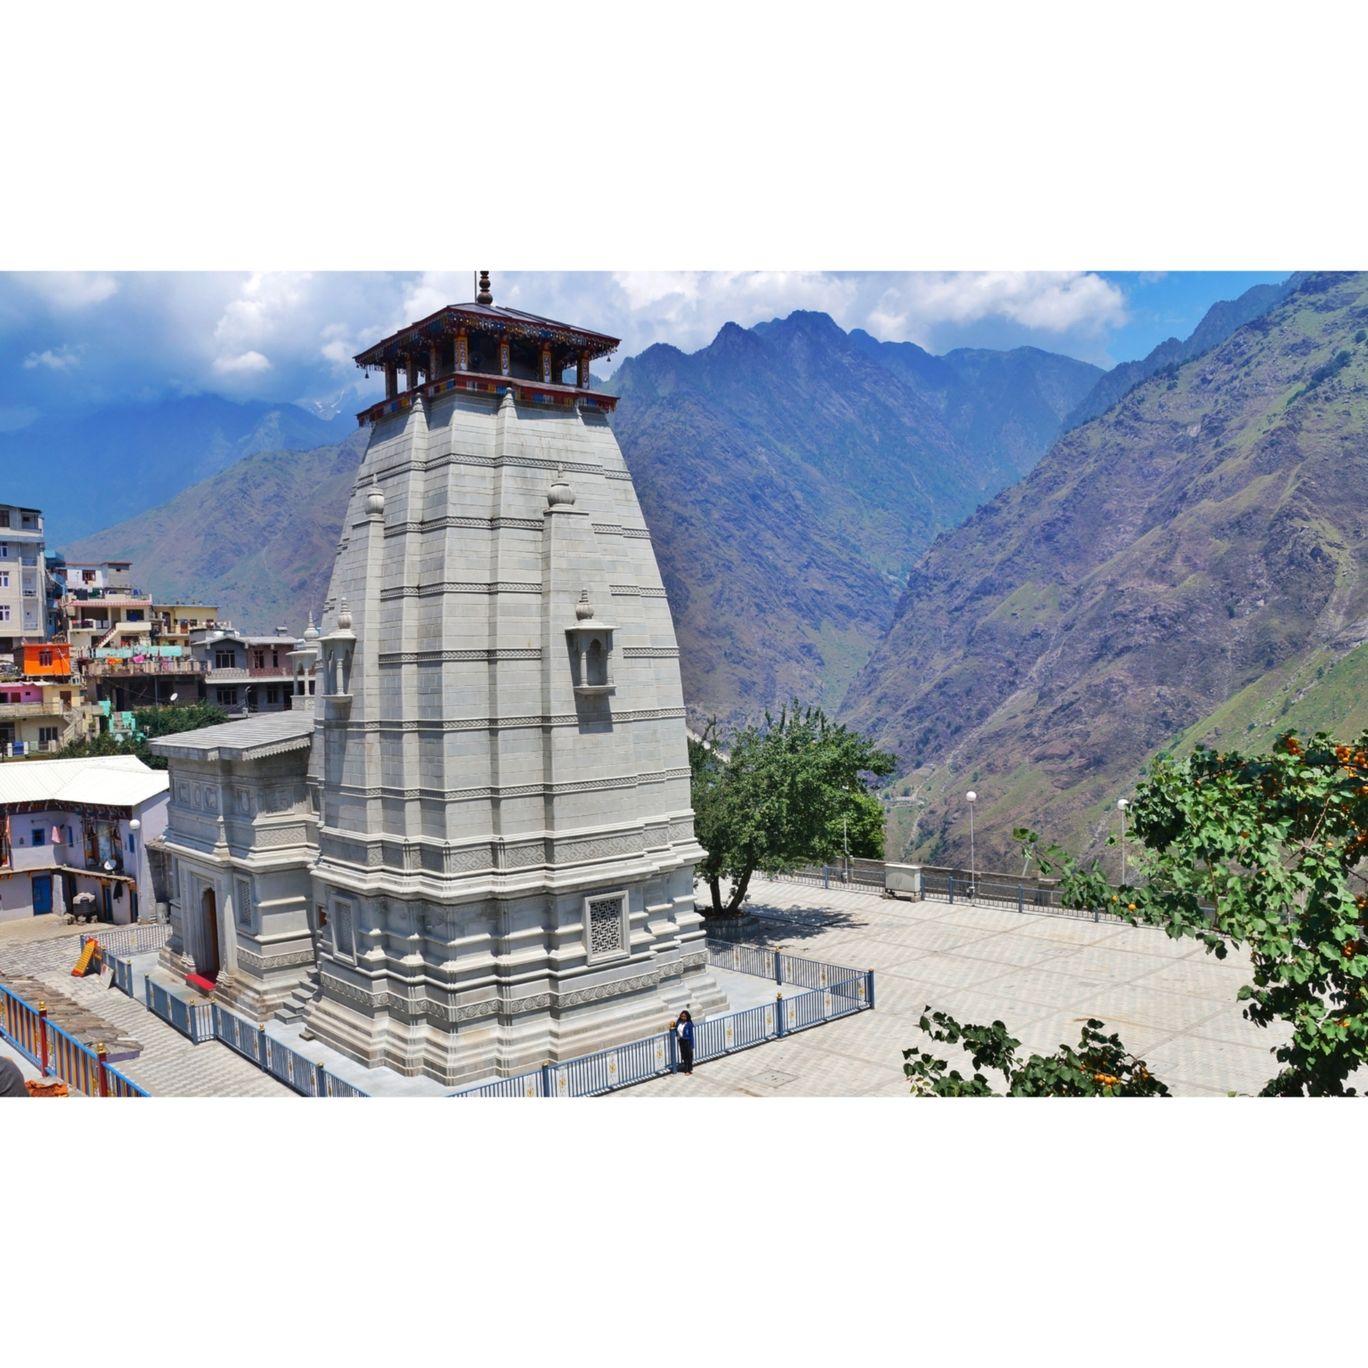 Photo of Joshimath Temple By Abhishek Rana